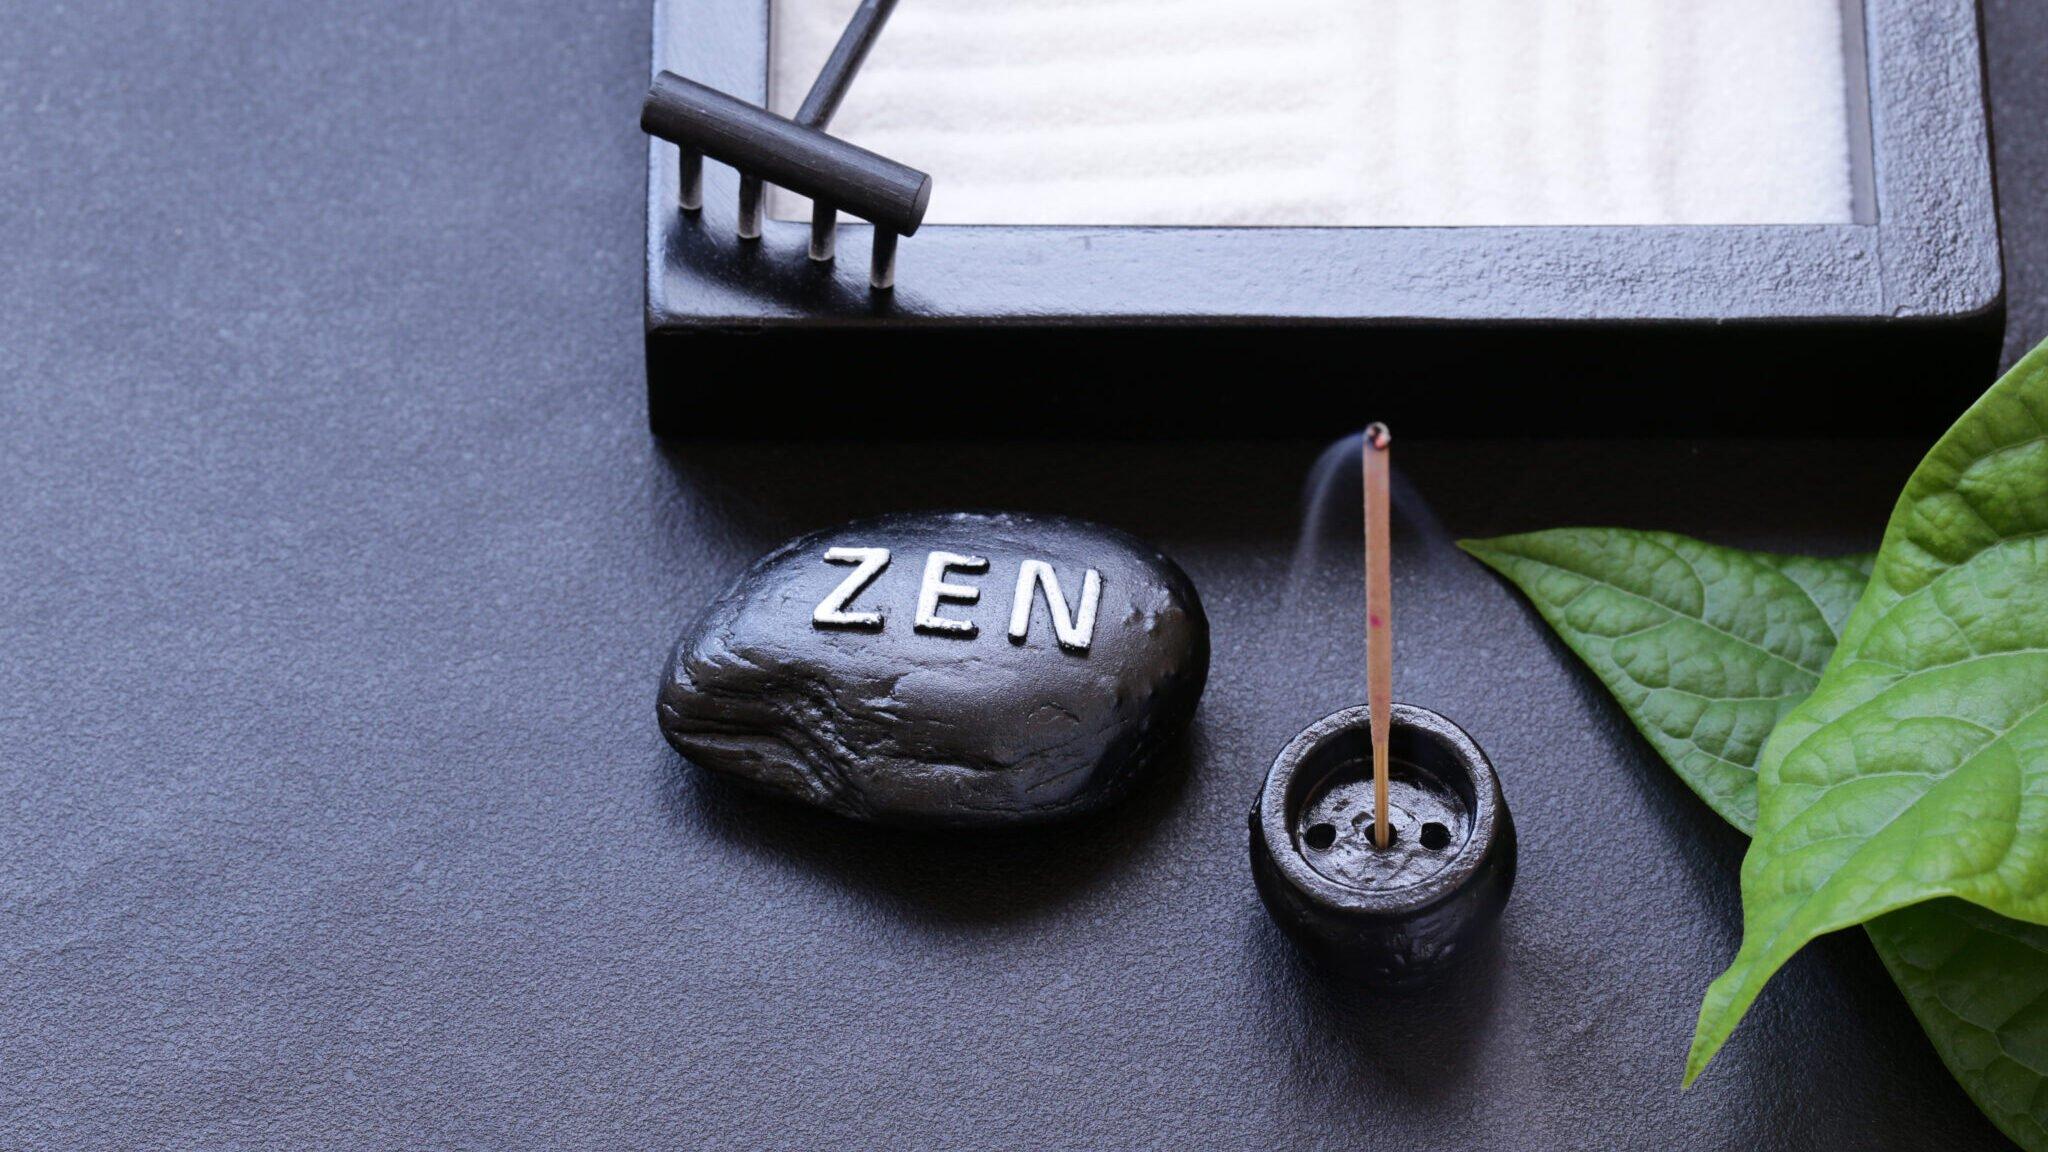 zen gifts for spiritual people. zen garden